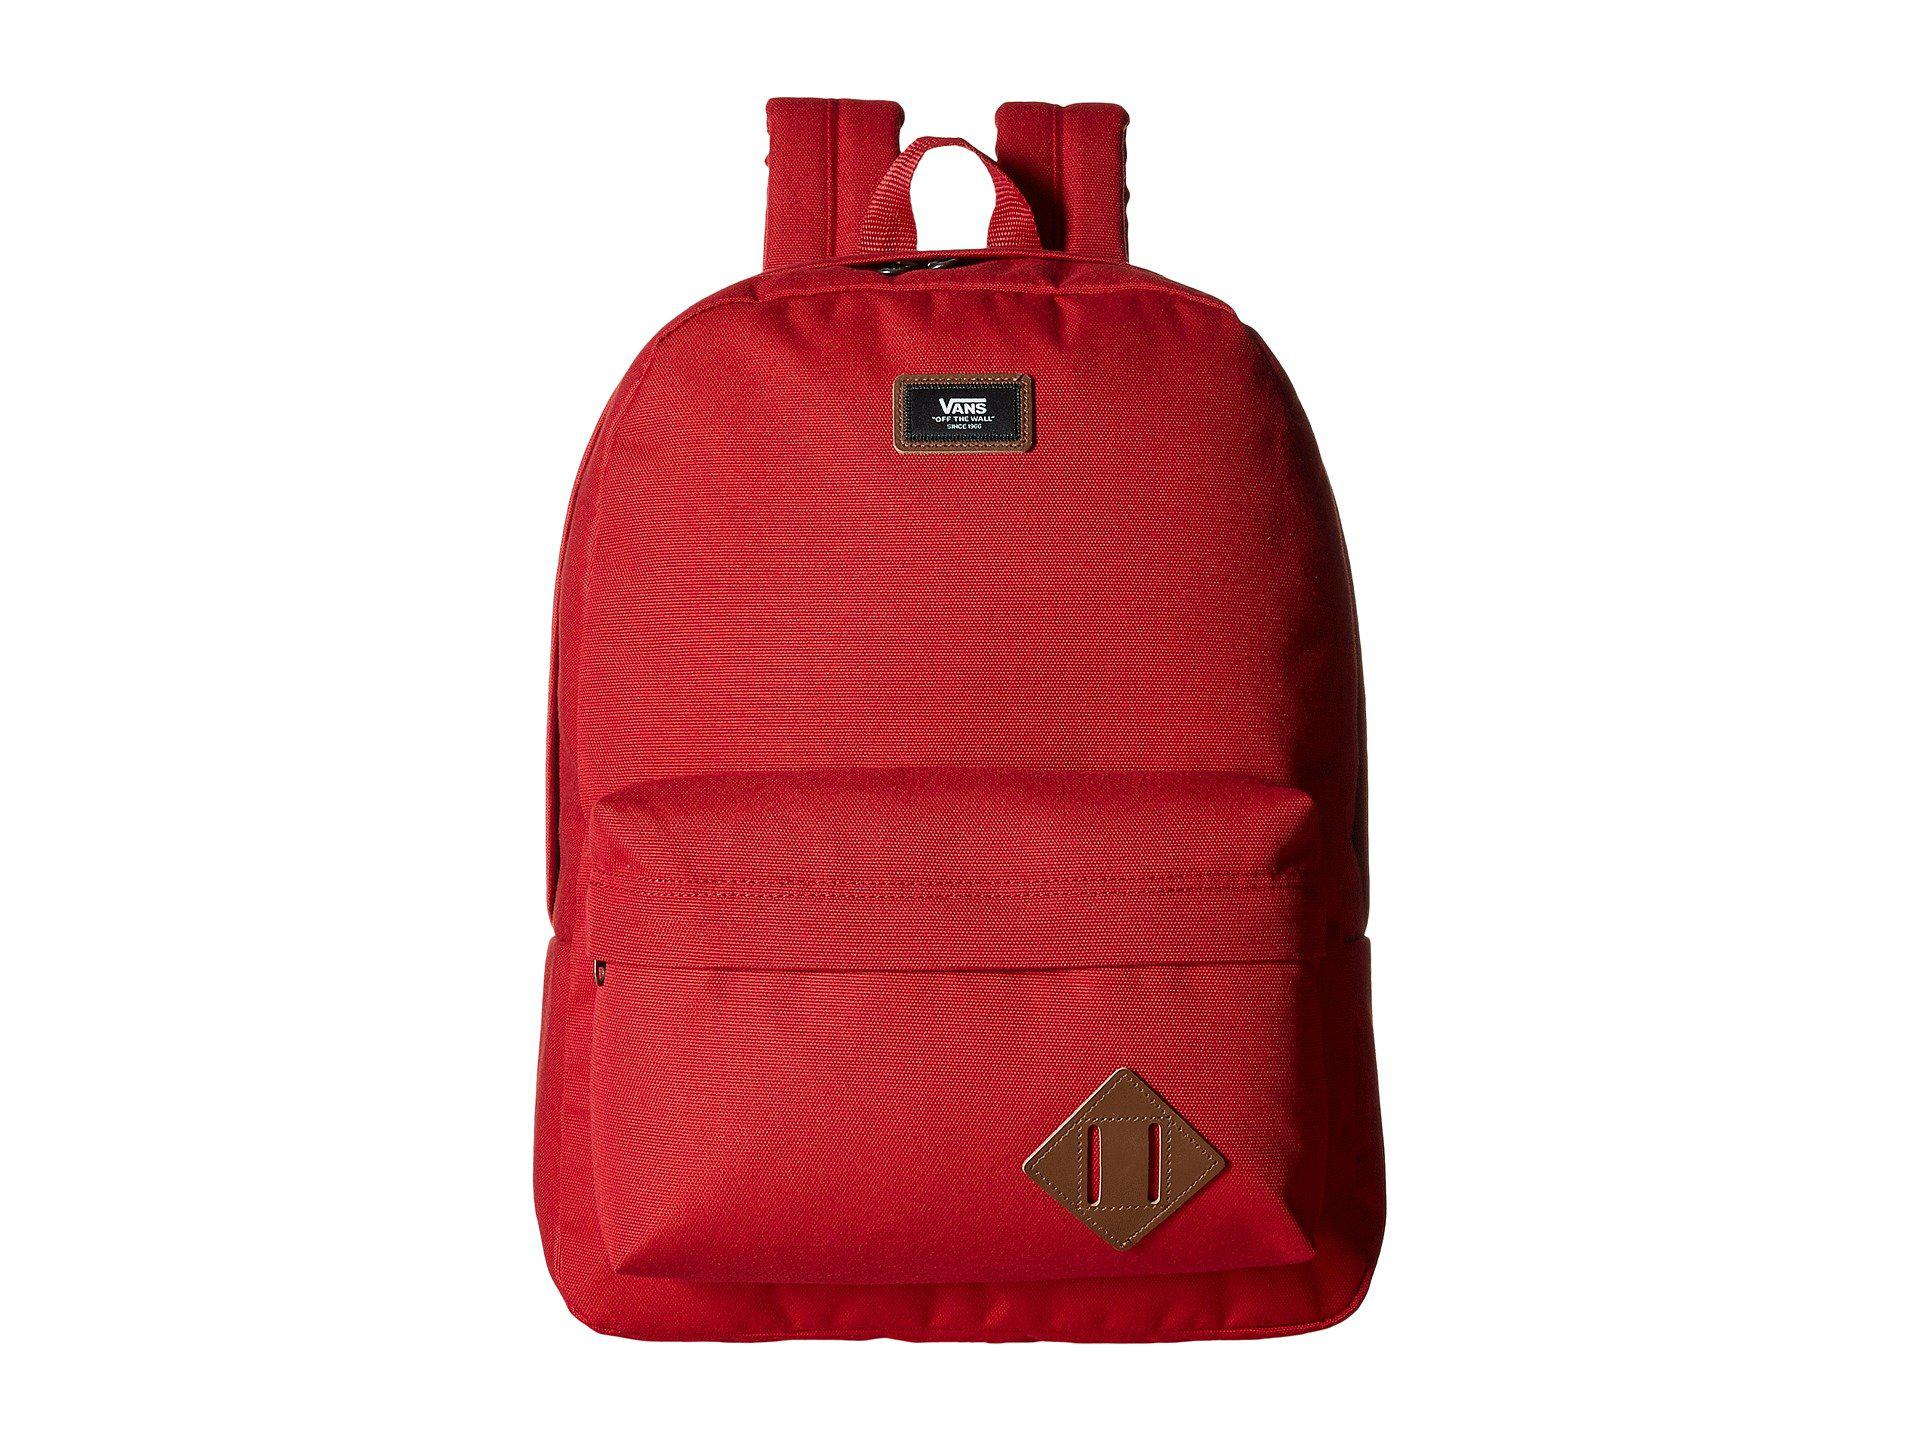 9ad1124ac0571d Lyst - Vans Old Skool Ii Backpack in Red for Men